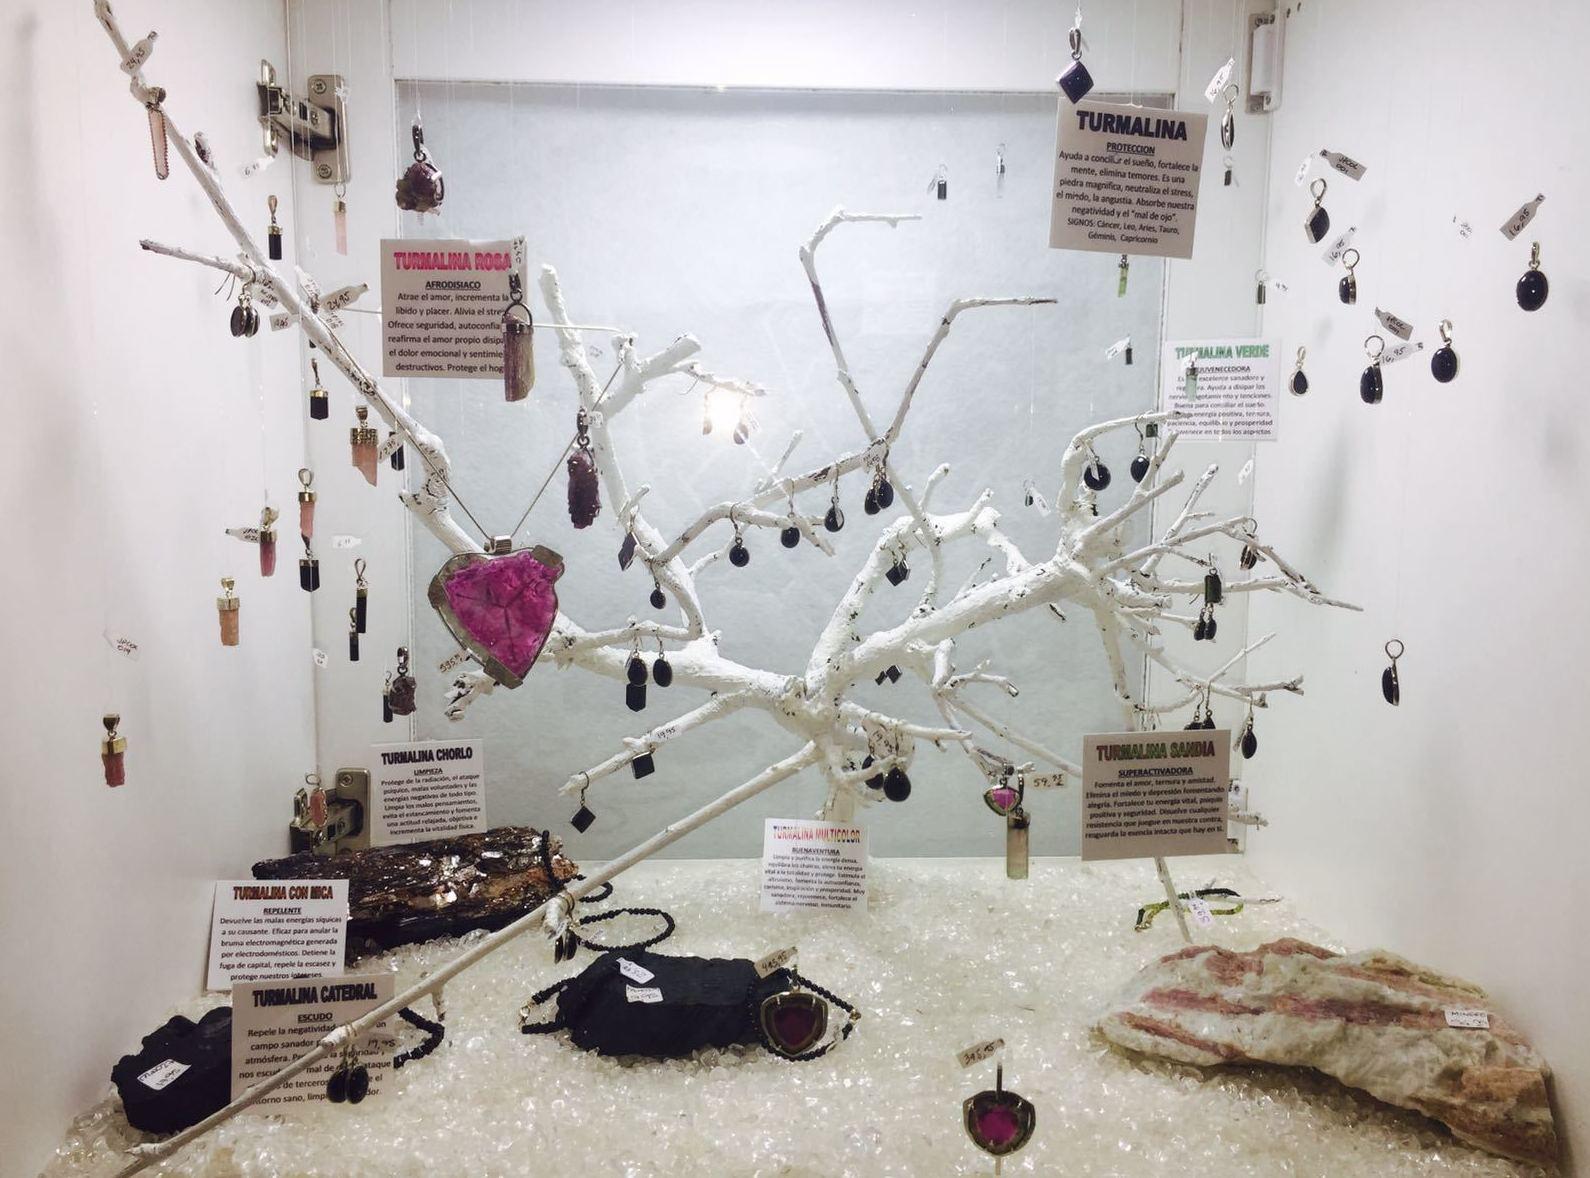 Turmalinas sandías, negras, rosas, verdes y multicolor: Joyas con propiedades curativas y esotéricas